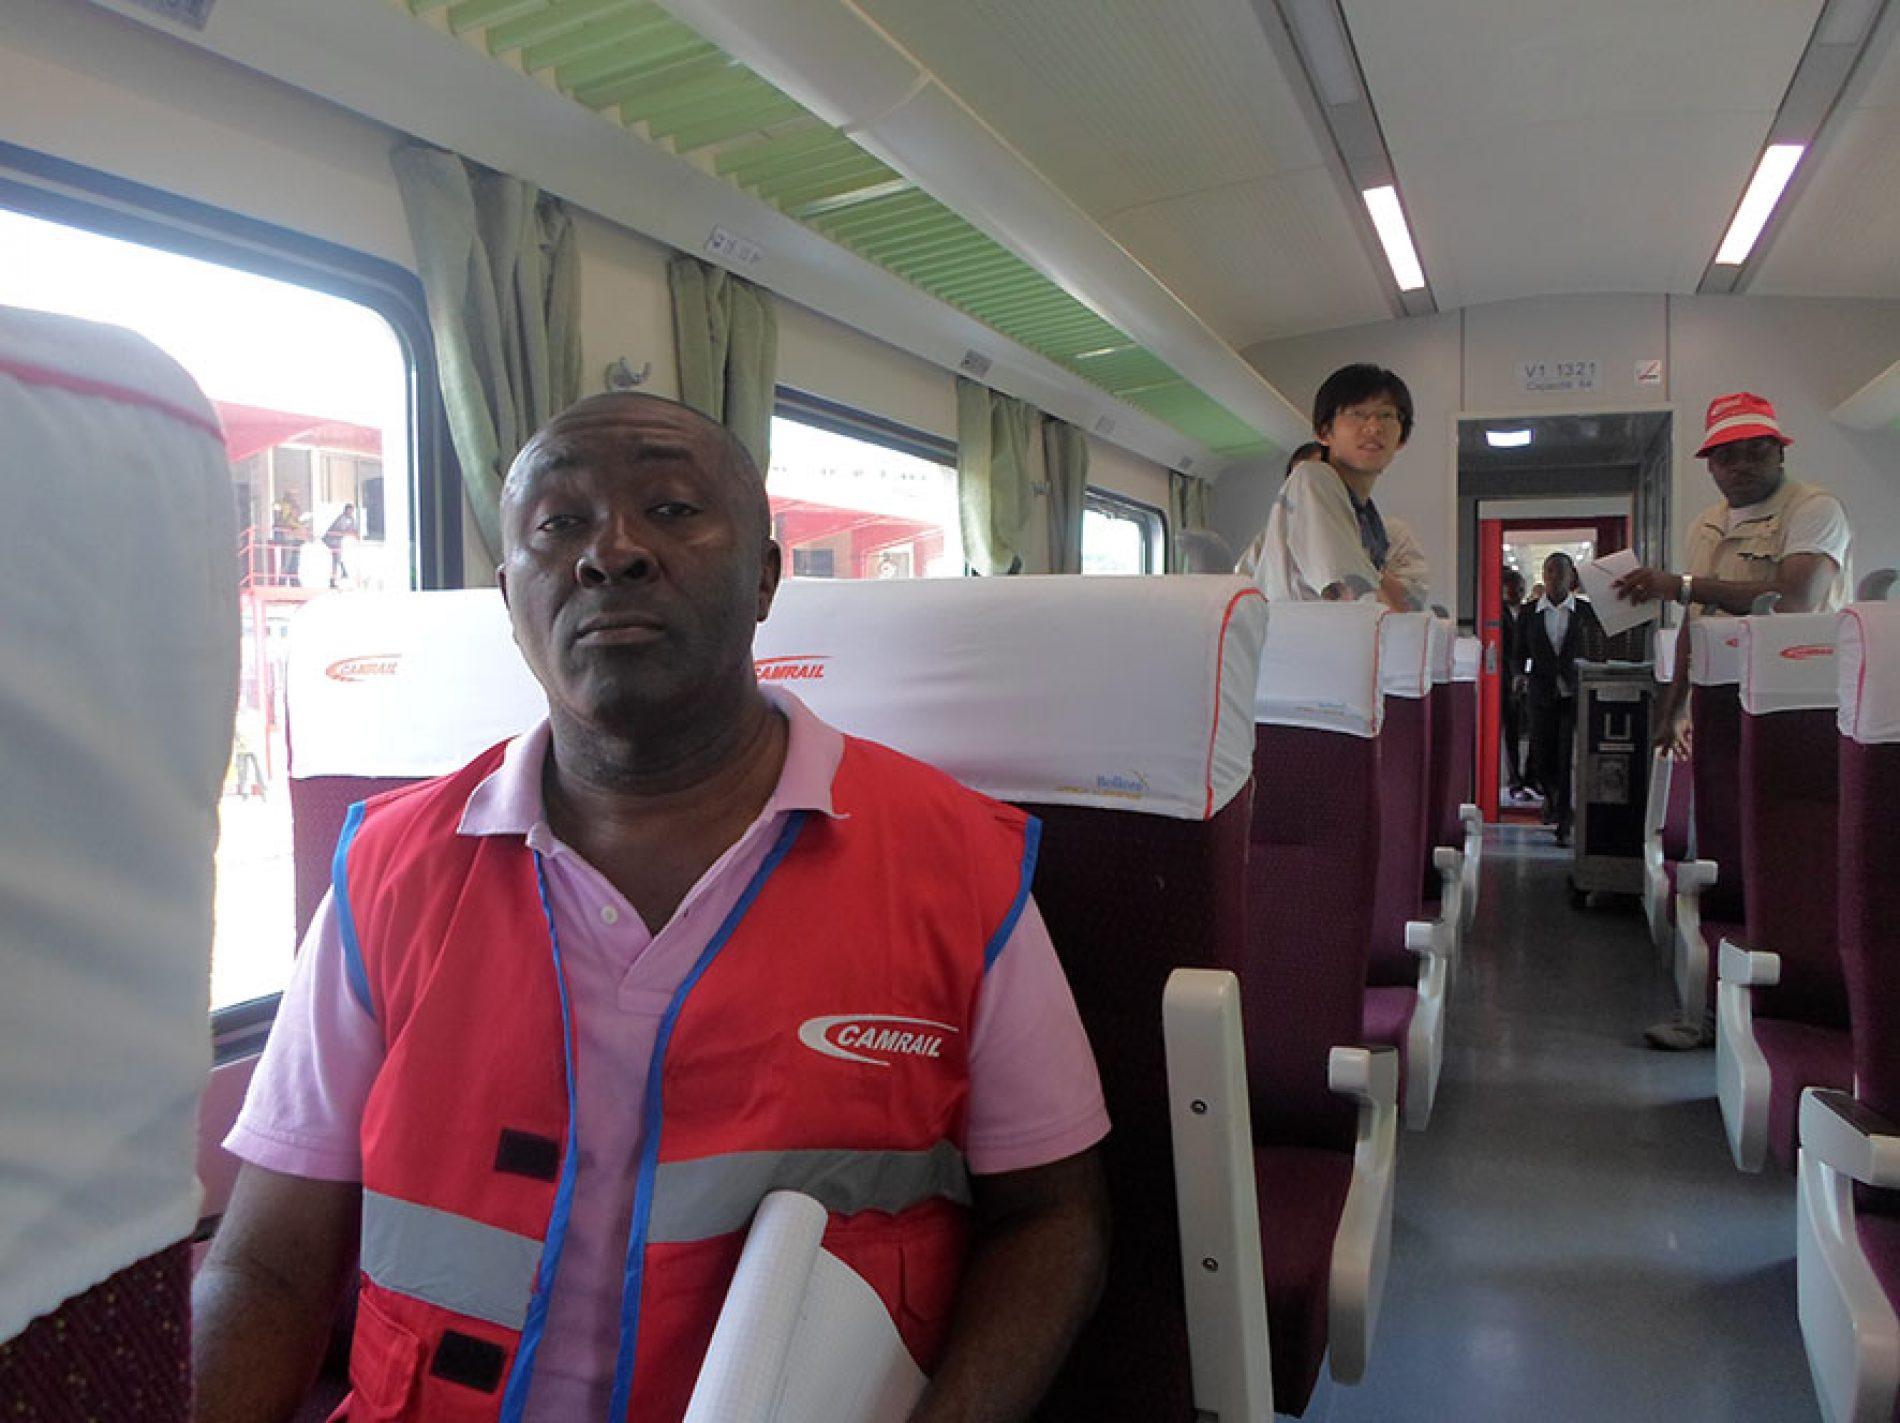 Transport interurbain : Le nouveau InterCity sur les rails